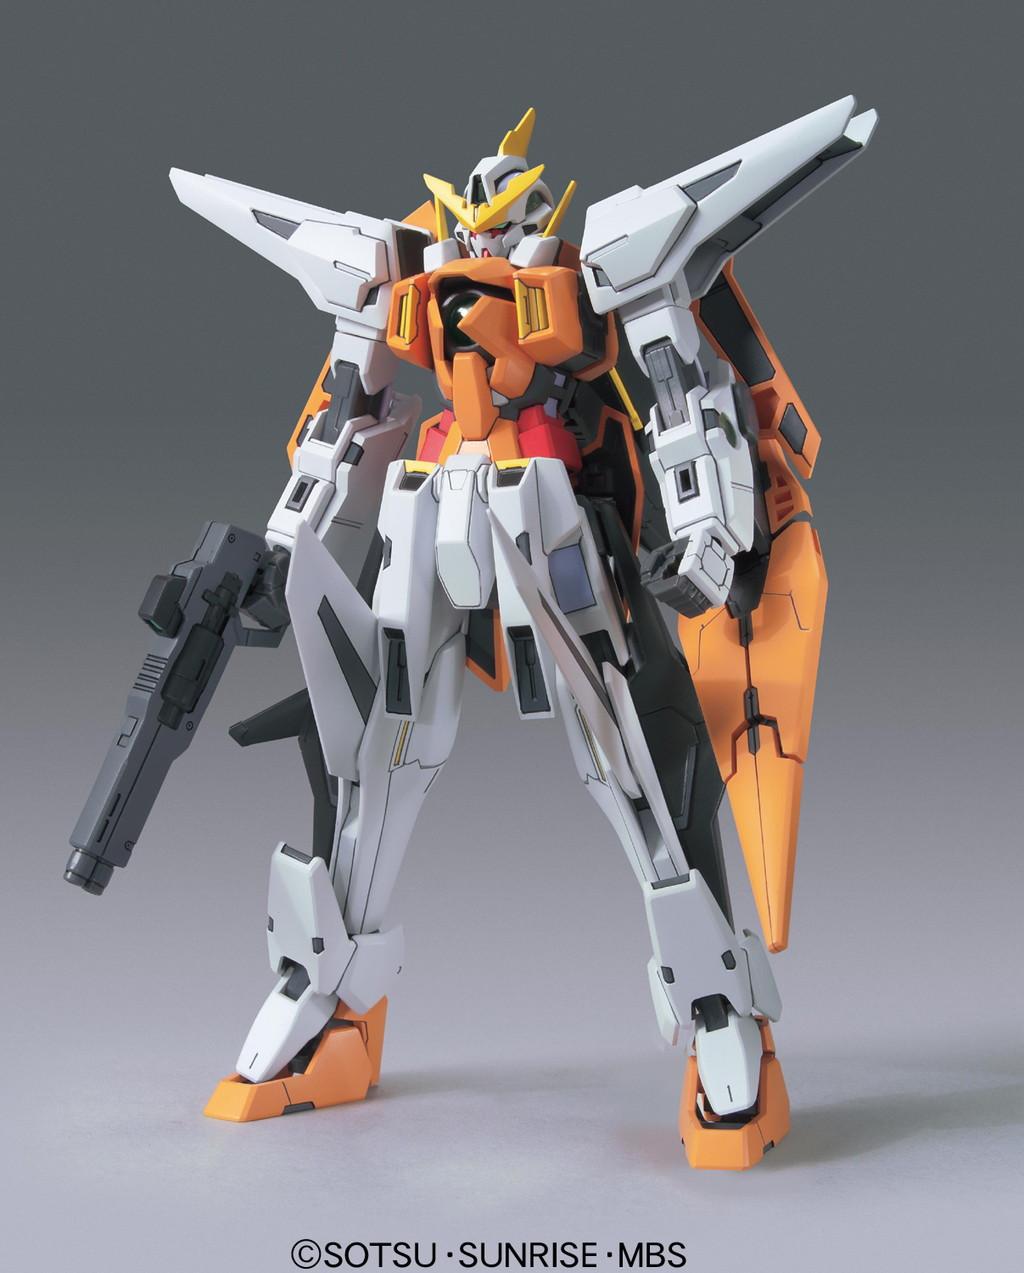 6620HG 1/144 GN-003 ガンダムキュリオス [Gundam Kyrios] 0151921 5057928